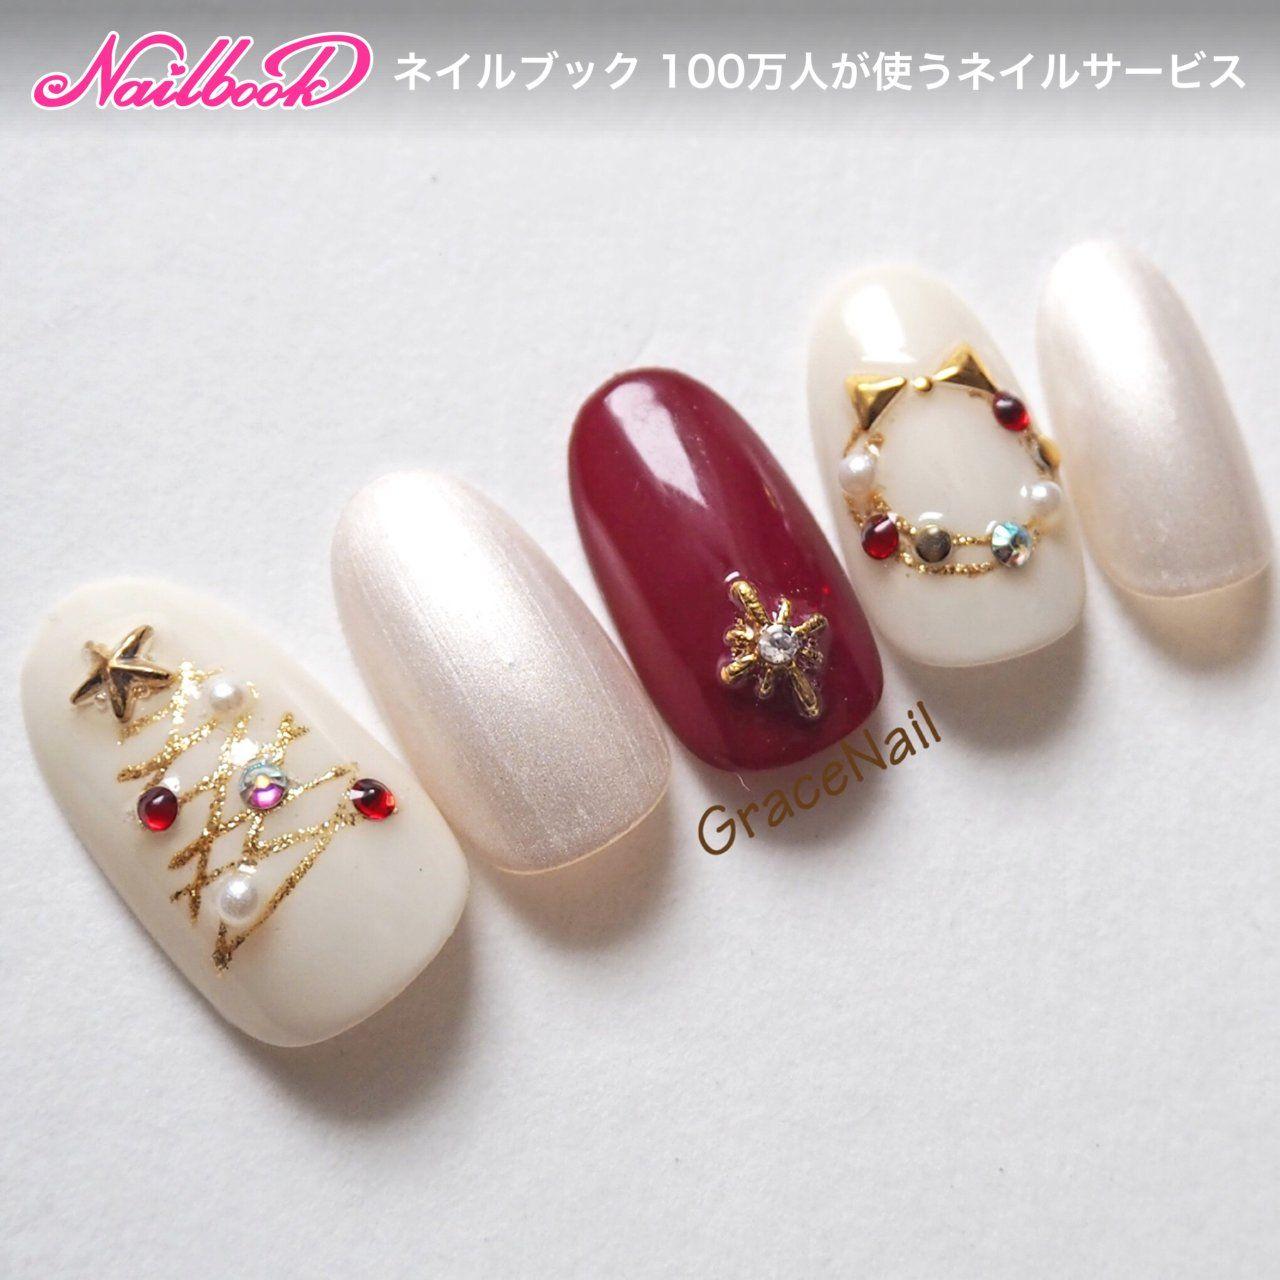 冬/クリスマス/デート/女子会/ハンド , GraceNailのネイル